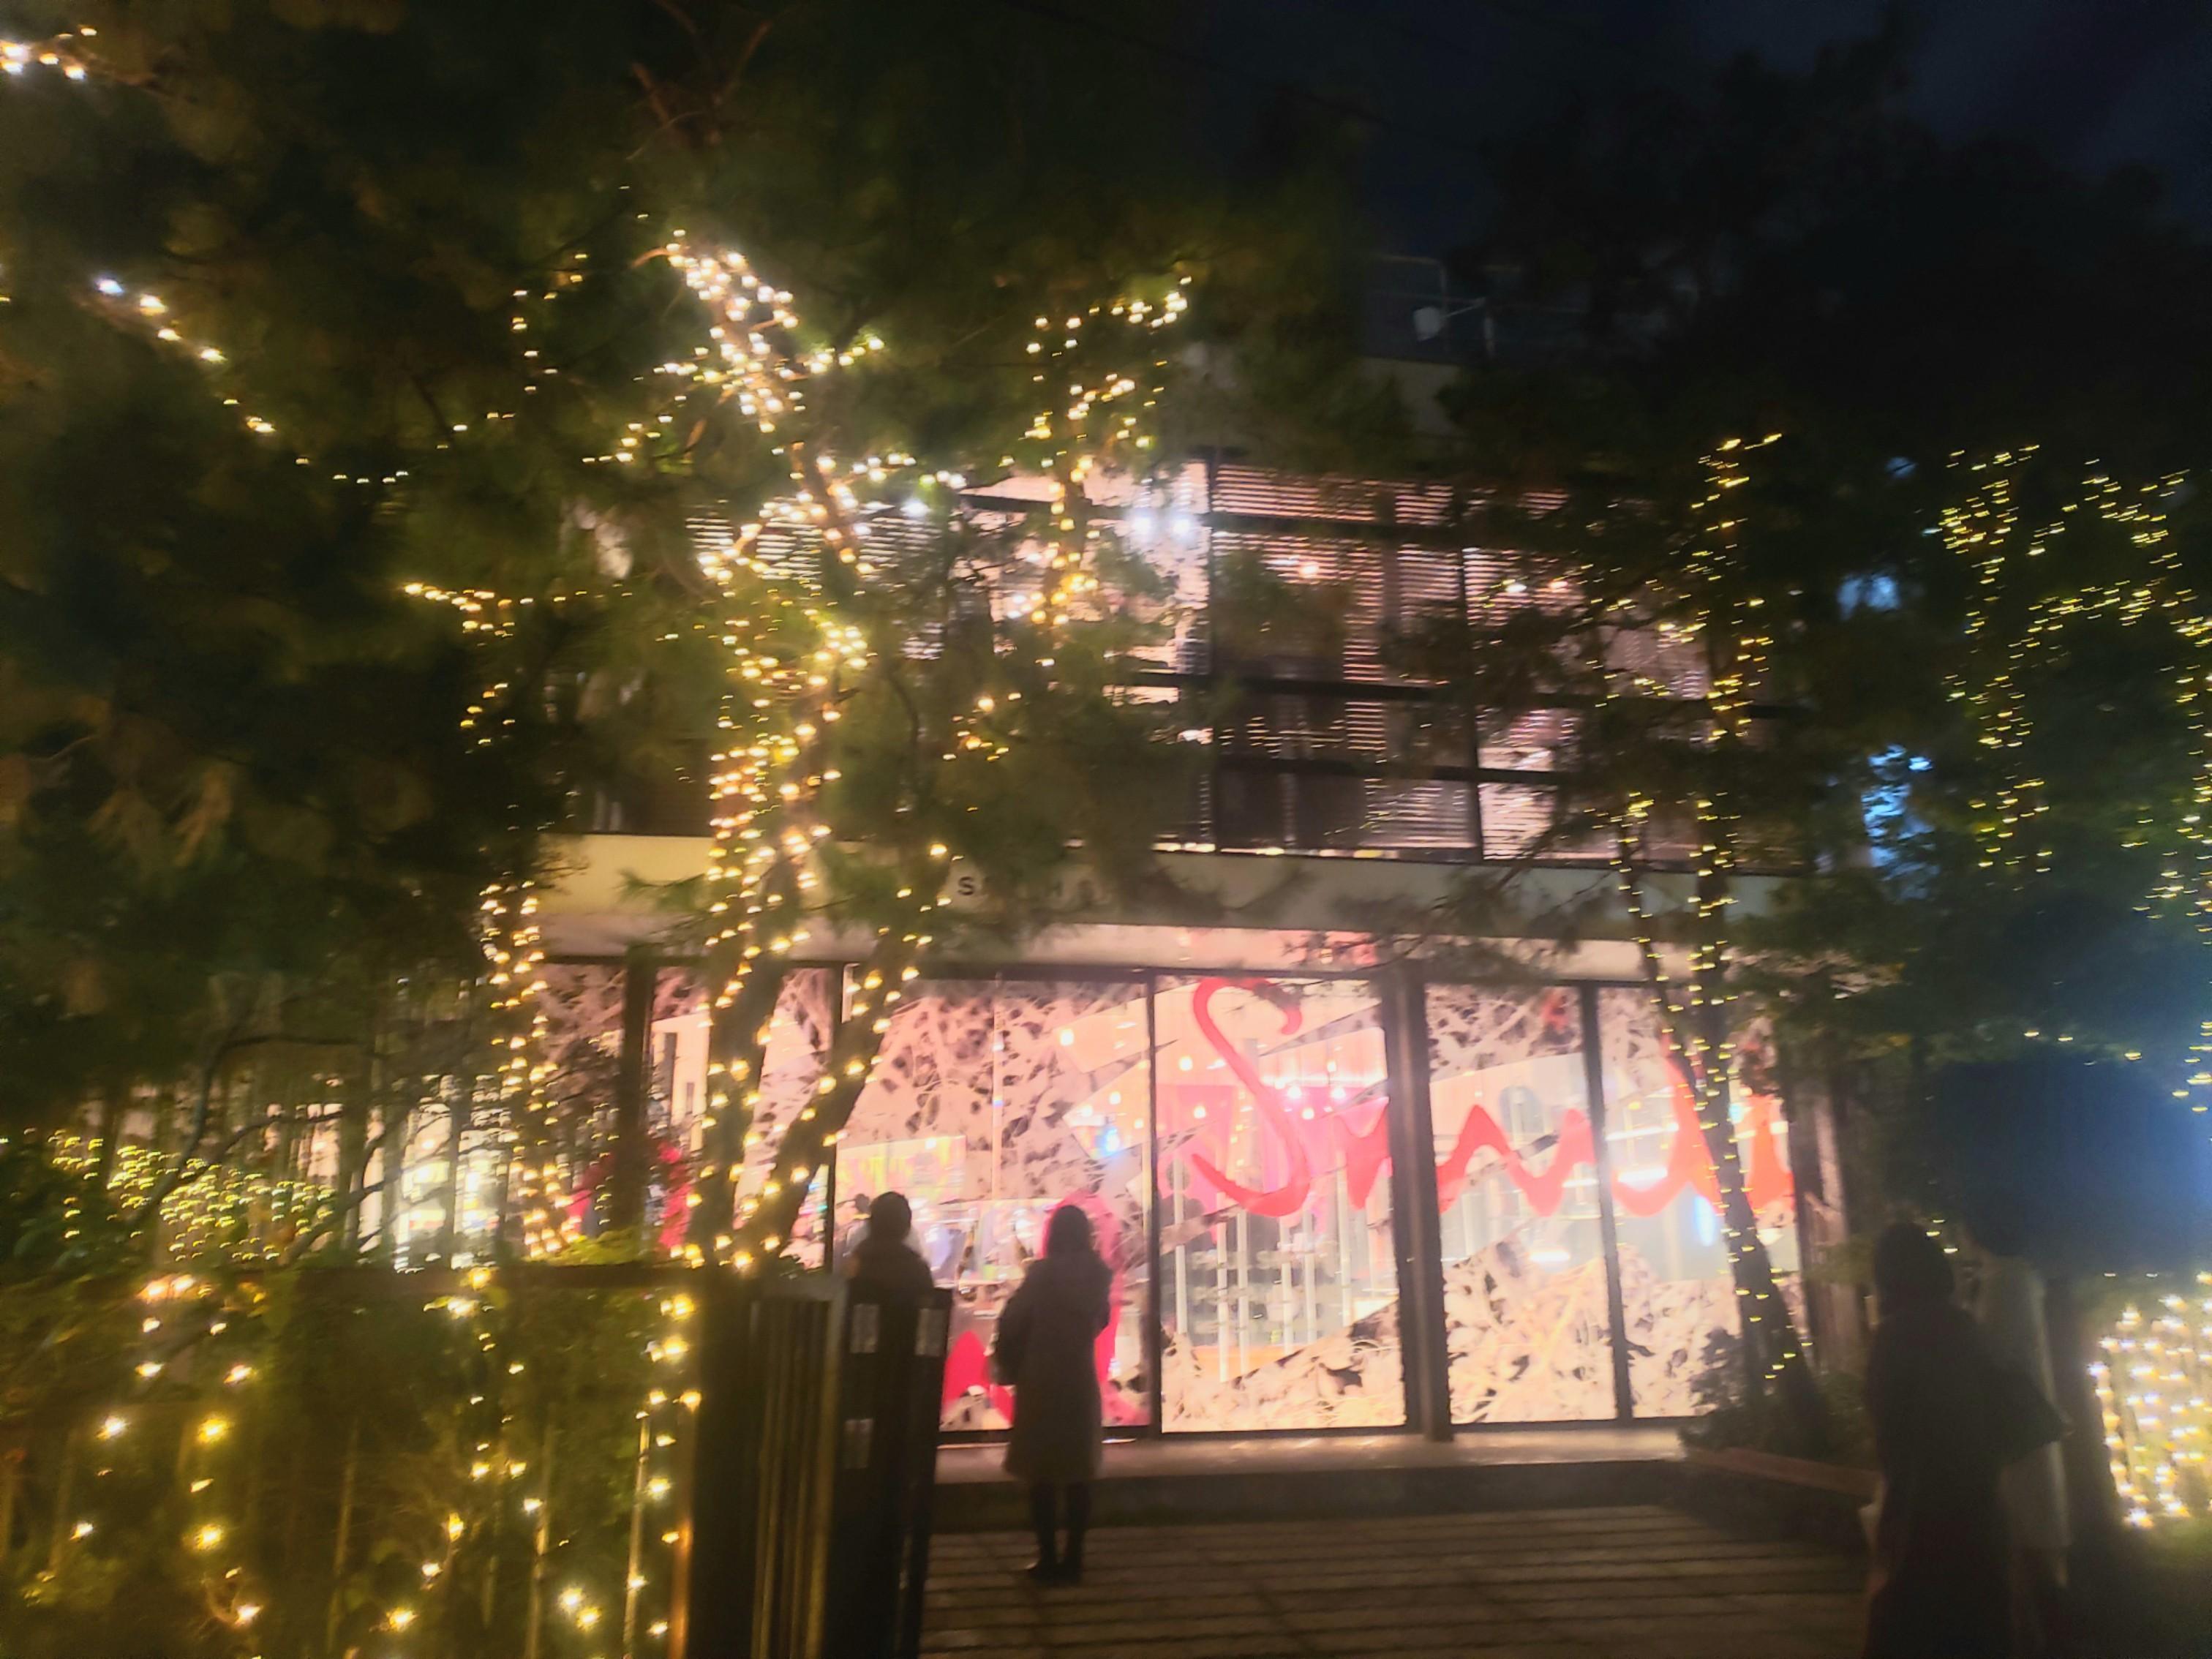 【Paul Smith】メンノン×モアのトークショー&ショッピングイベントに参加!革小物もゲット♡_1